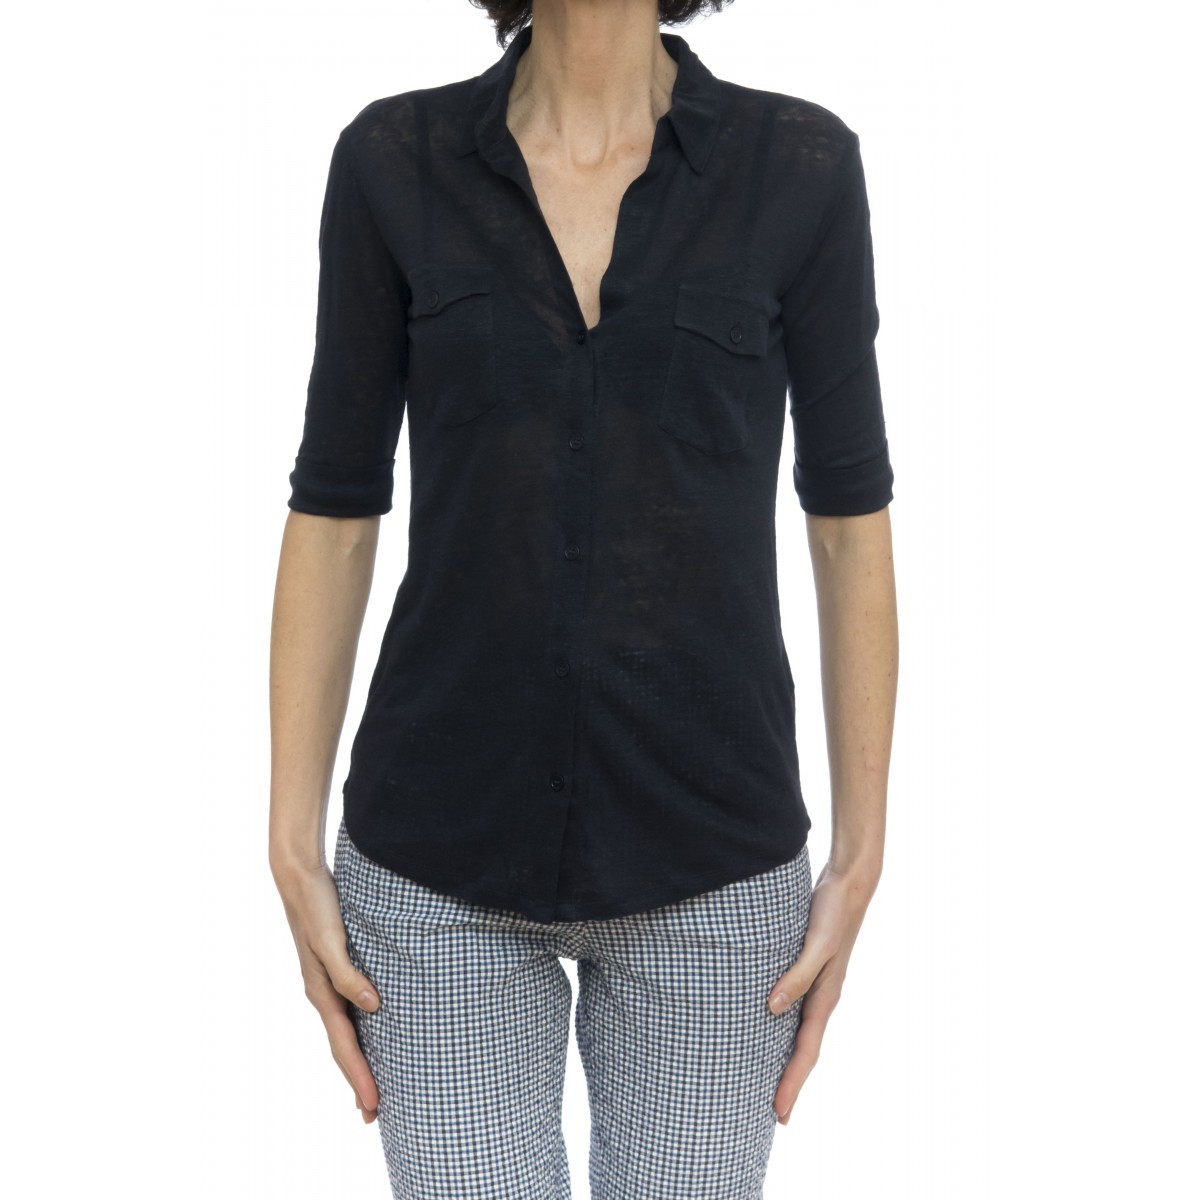 Camicia donna - J006 fch014 camicia manica corta 100% lino